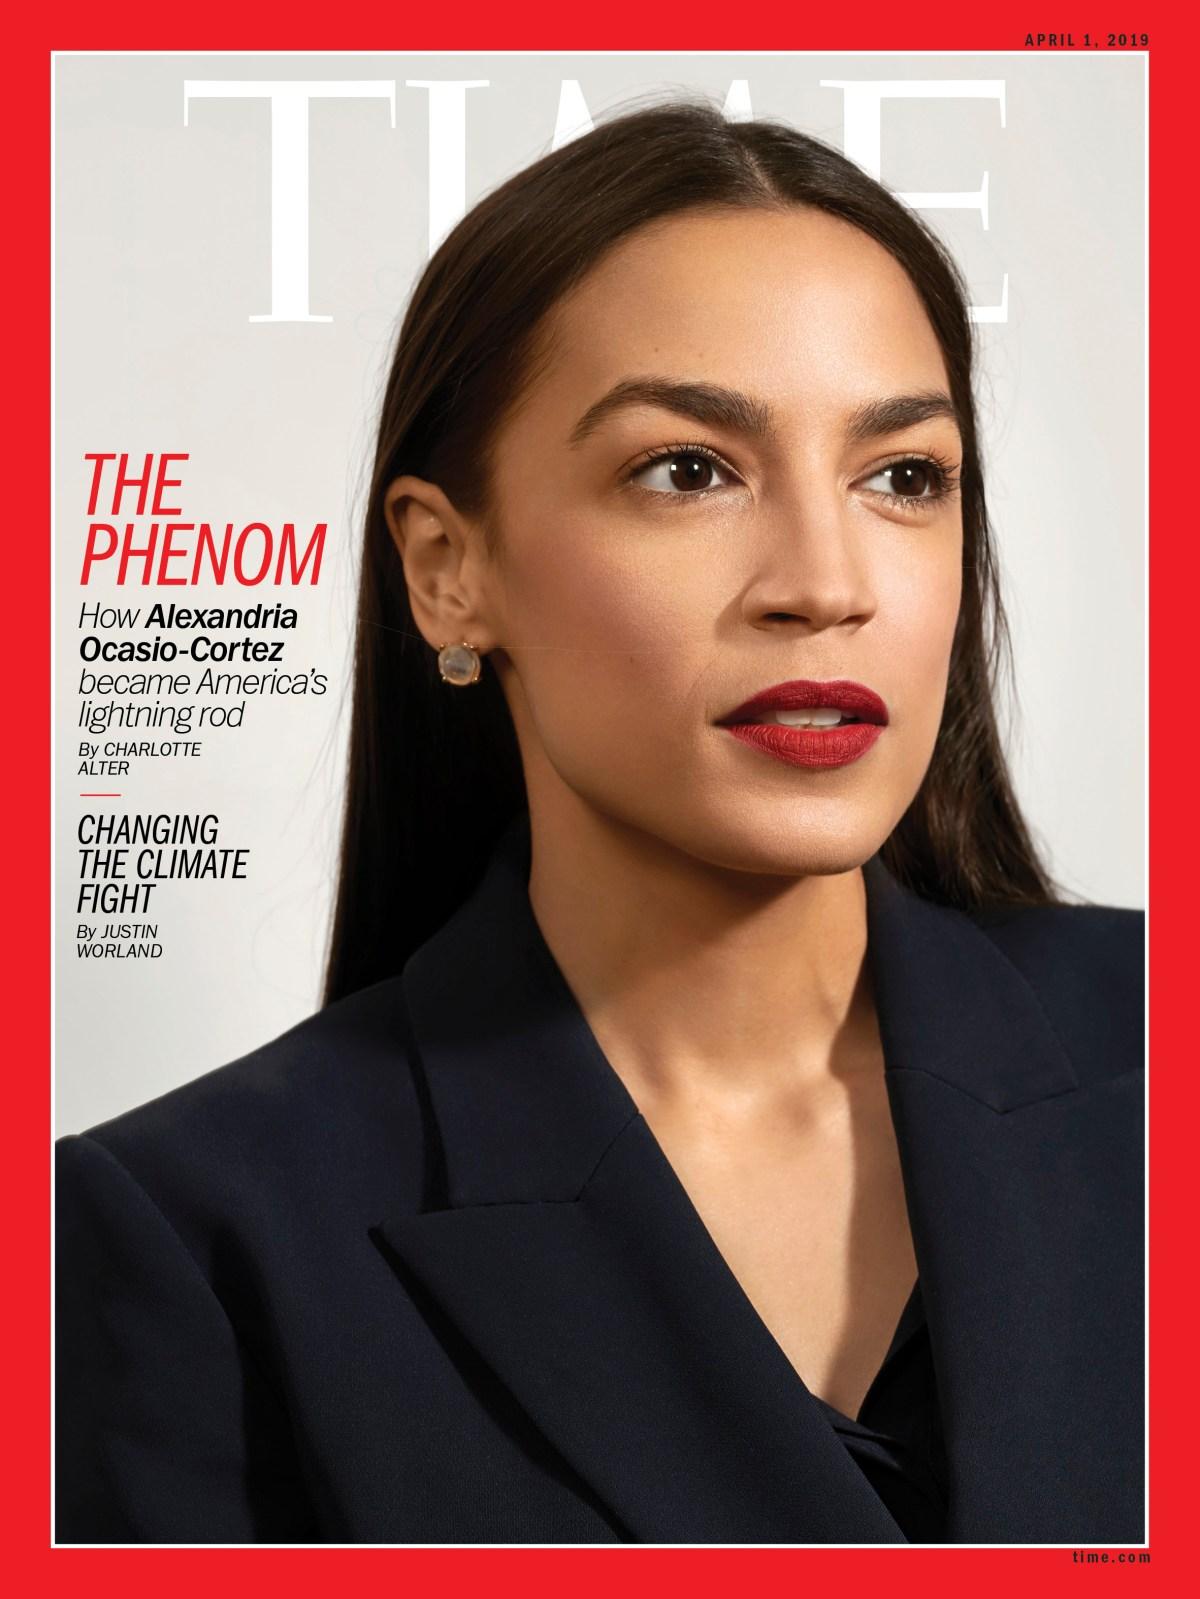 Portada de la revista Time, con la fotografía de Alexandria Ocasio-Cortez.